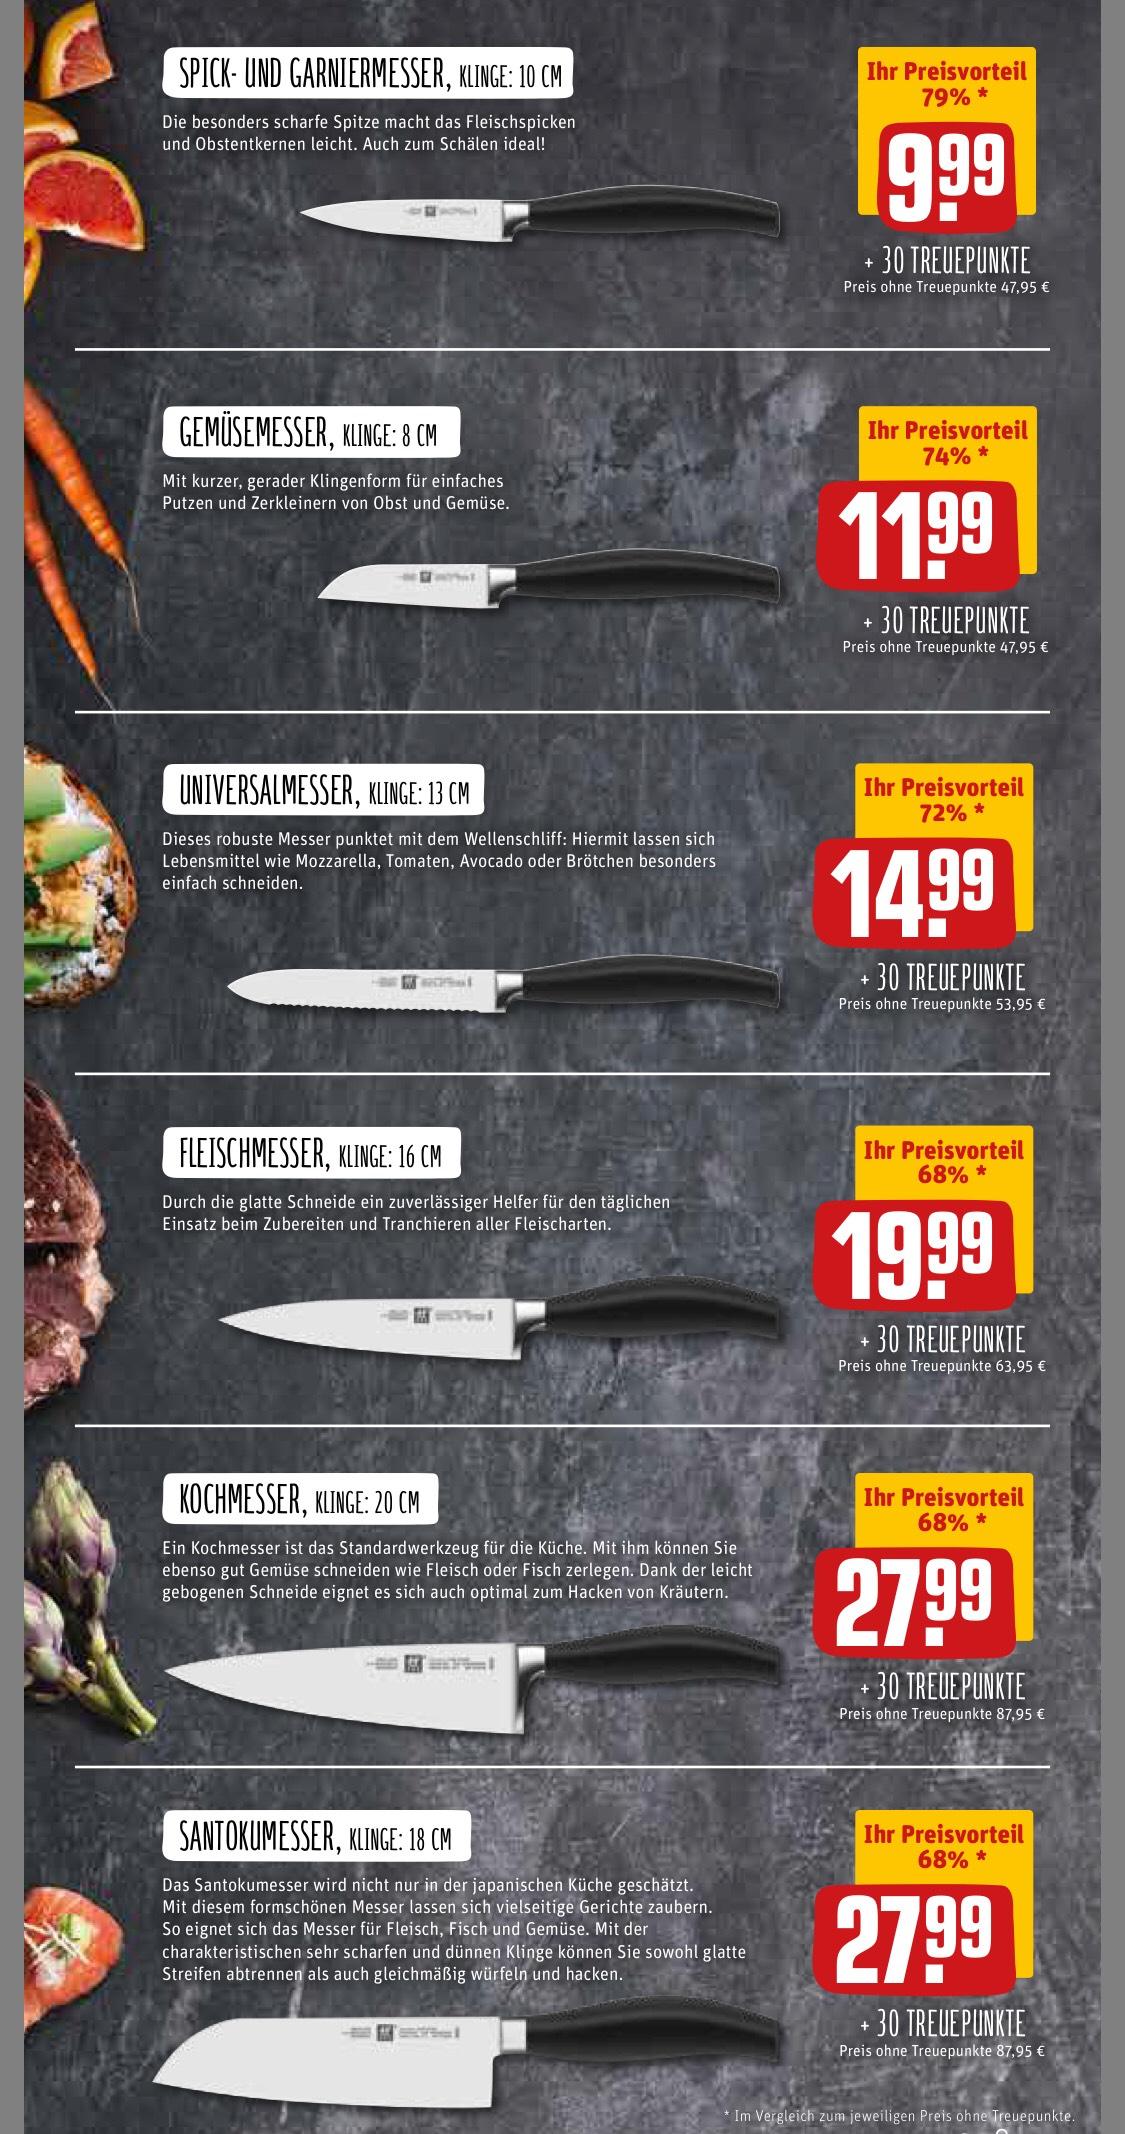 Zwilling Five Star Messer (Rewe Treuepunkte // inoffiziell auch ohne Einkauf) Preisbeispiel Santokumesser